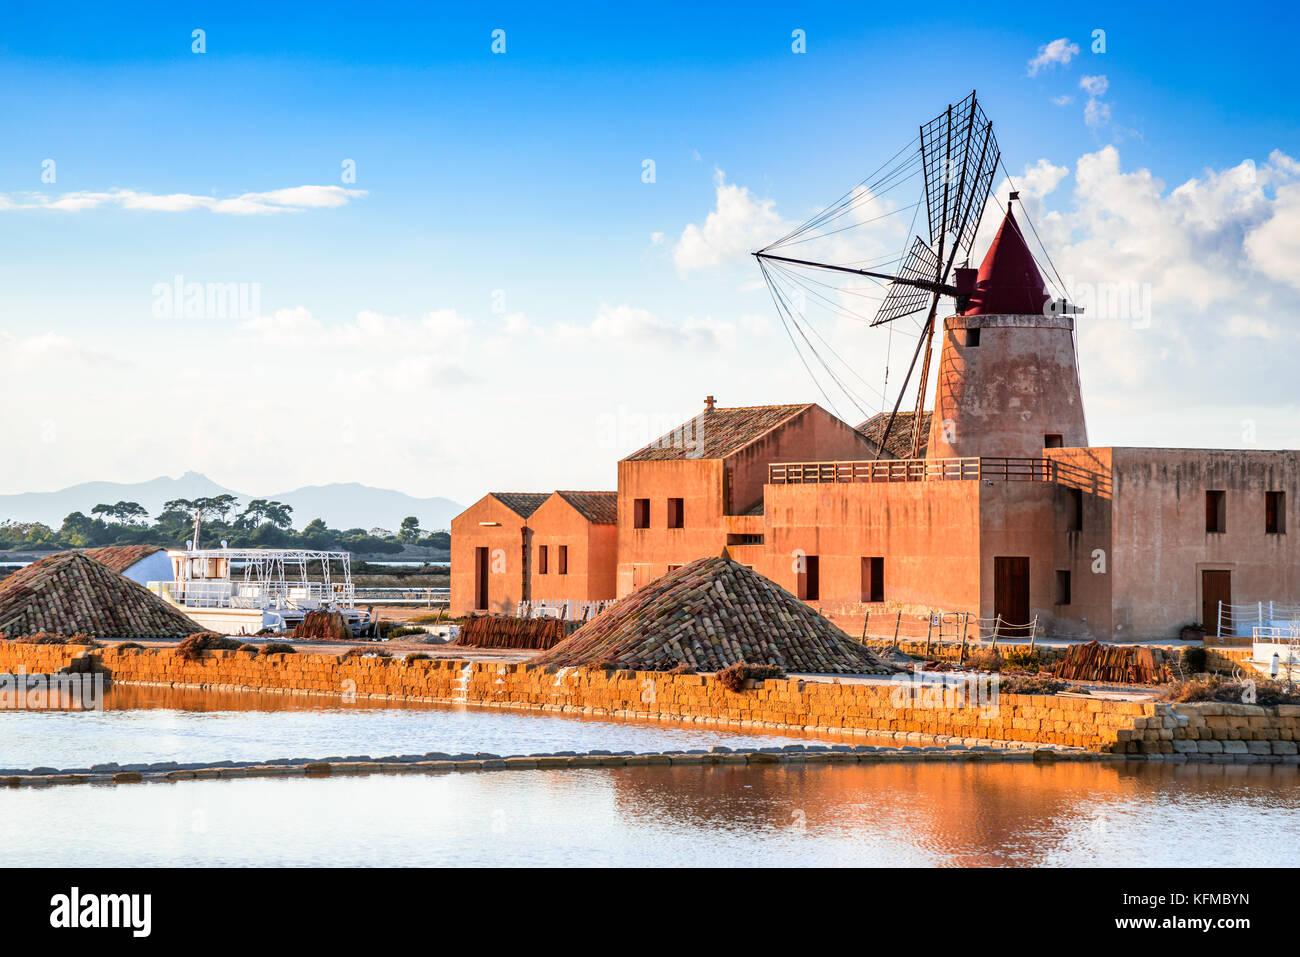 Marsala, Italia. Stagnone Lagoon con mulini a vento vintage e saltwork, provincia di Trapani, in Sicilia. Immagini Stock